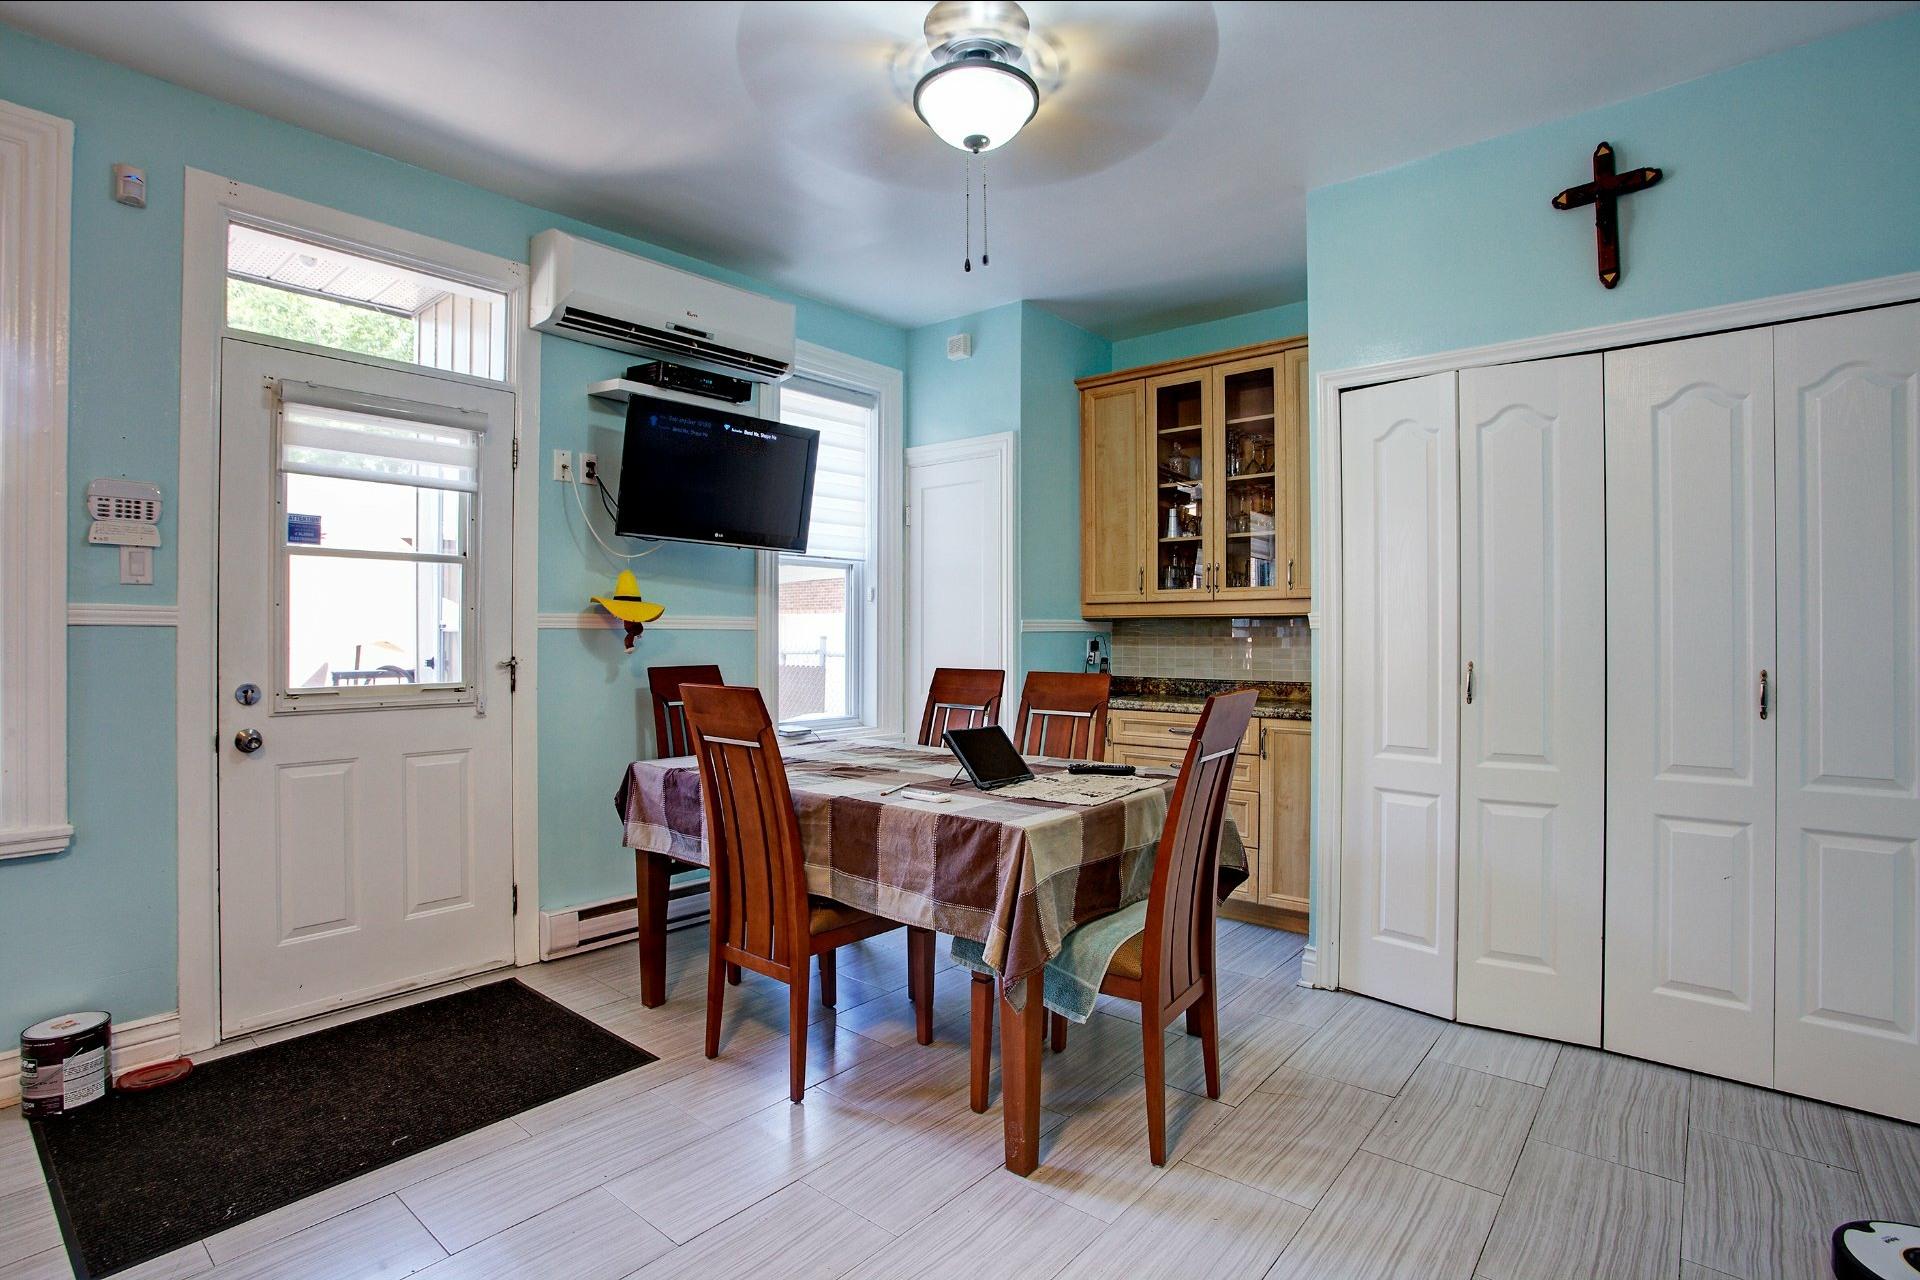 image 5 - Income property For sale Le Sud-Ouest Montréal  - 4 rooms